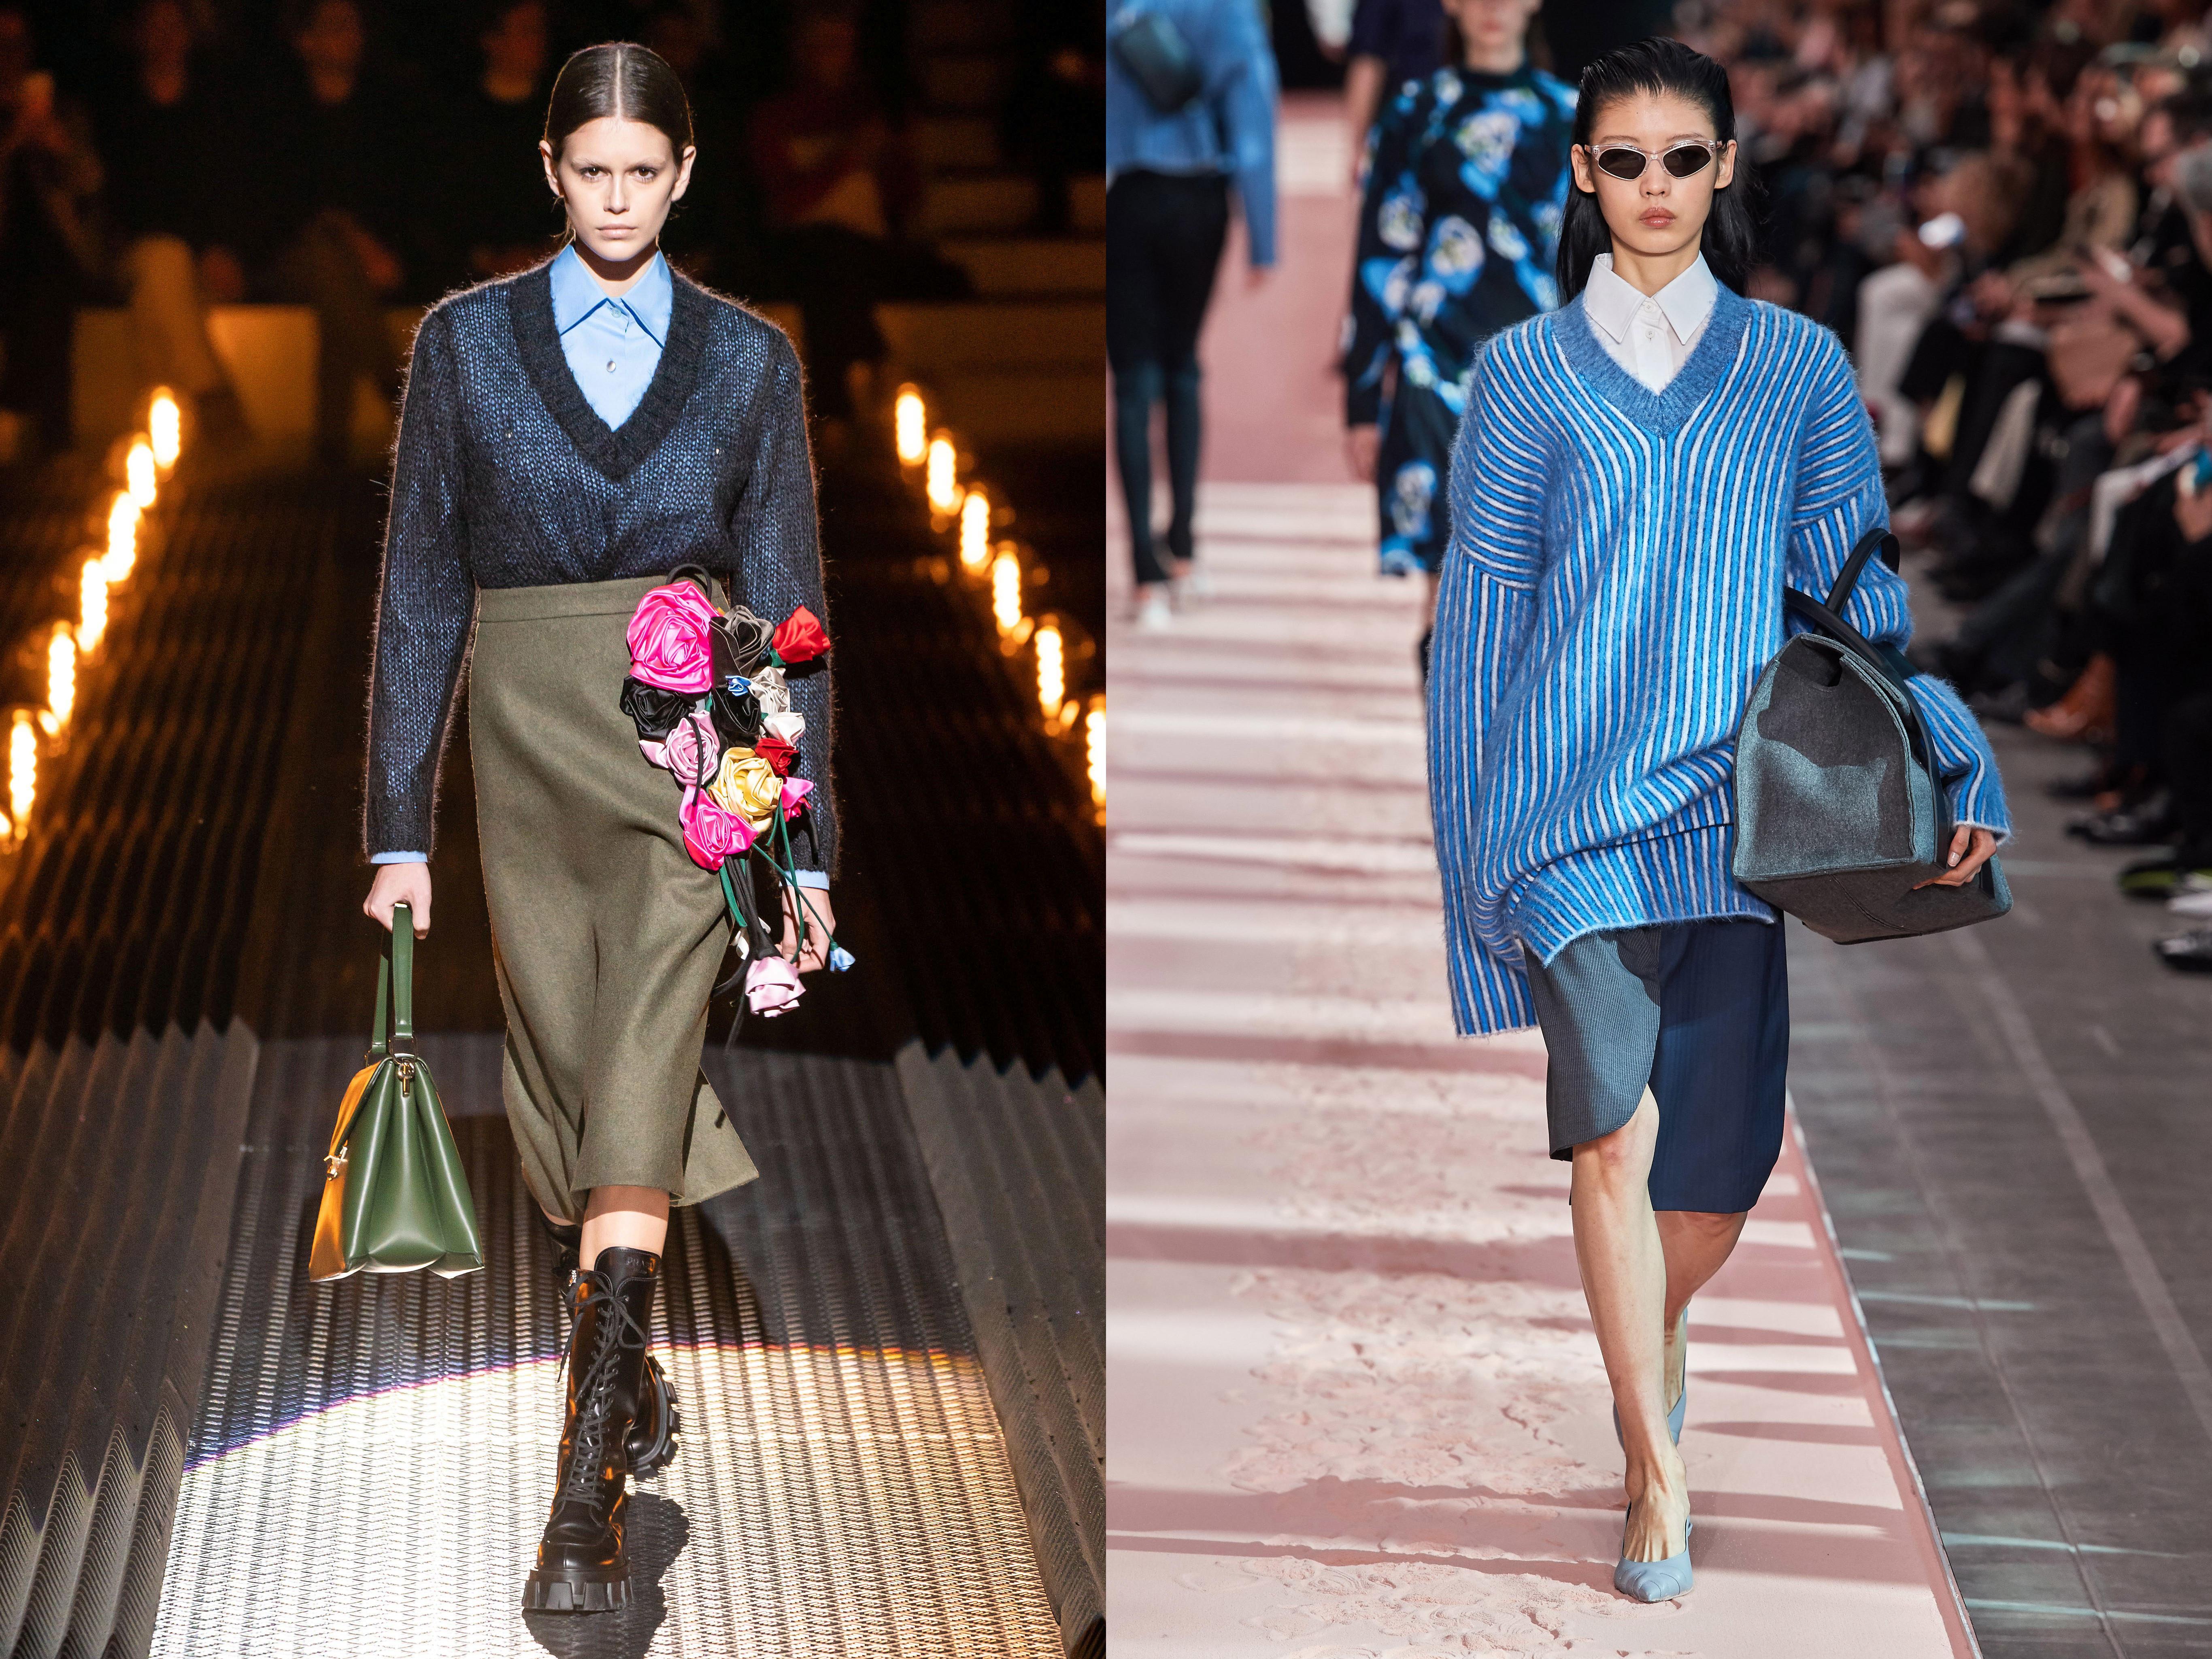 Рубашка и джемпер - целомудренный комплект хорошей и примерной девочки